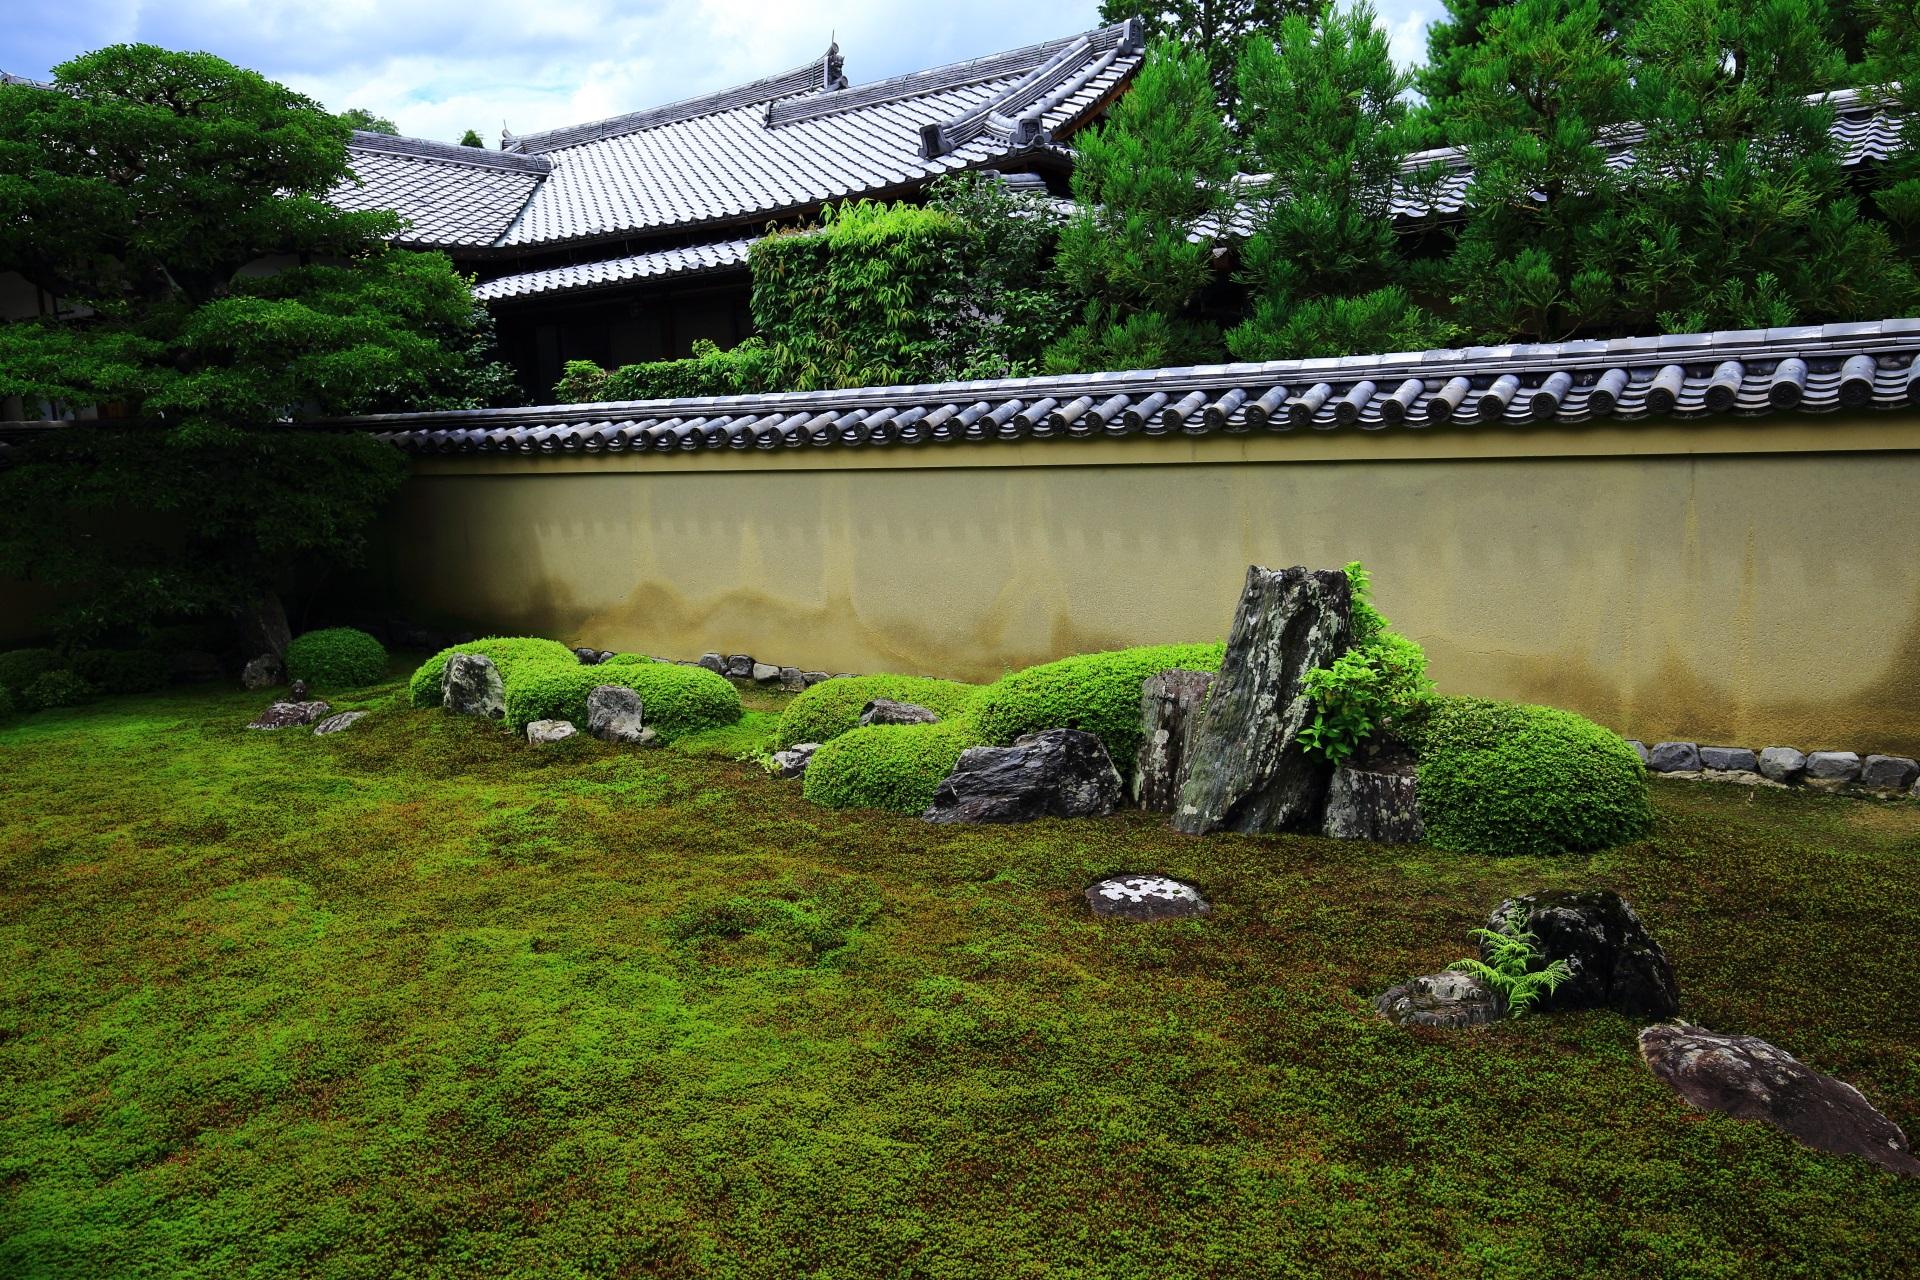 苔の上に丸い刈り込みと28個の庭石が配される龍源院の龍吟庭